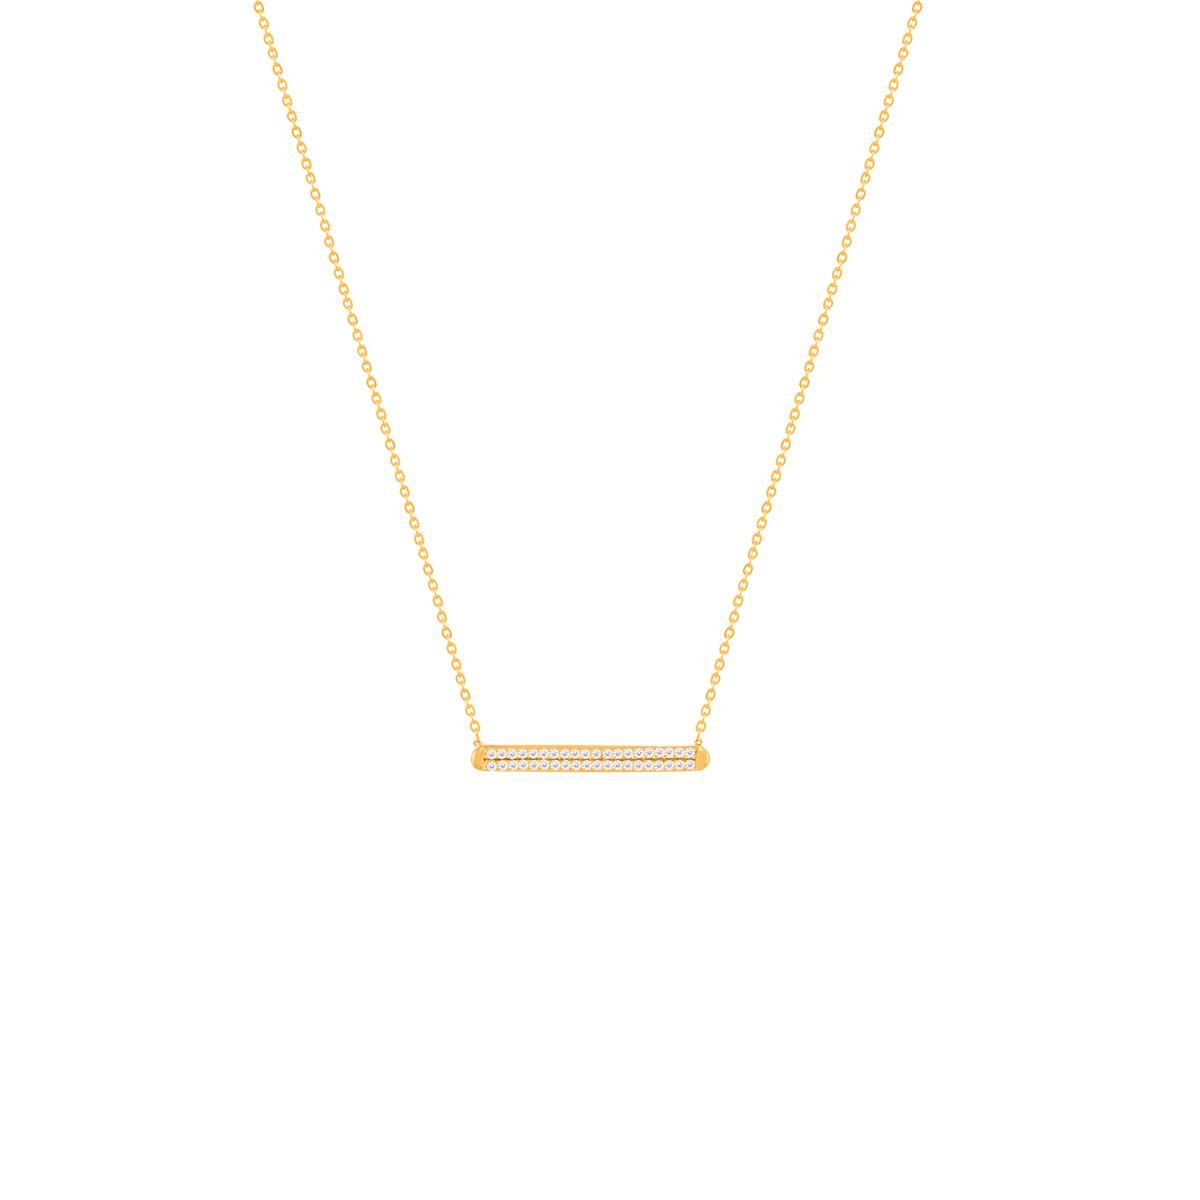 گردنبند طلا دو خط و نگین پرسته